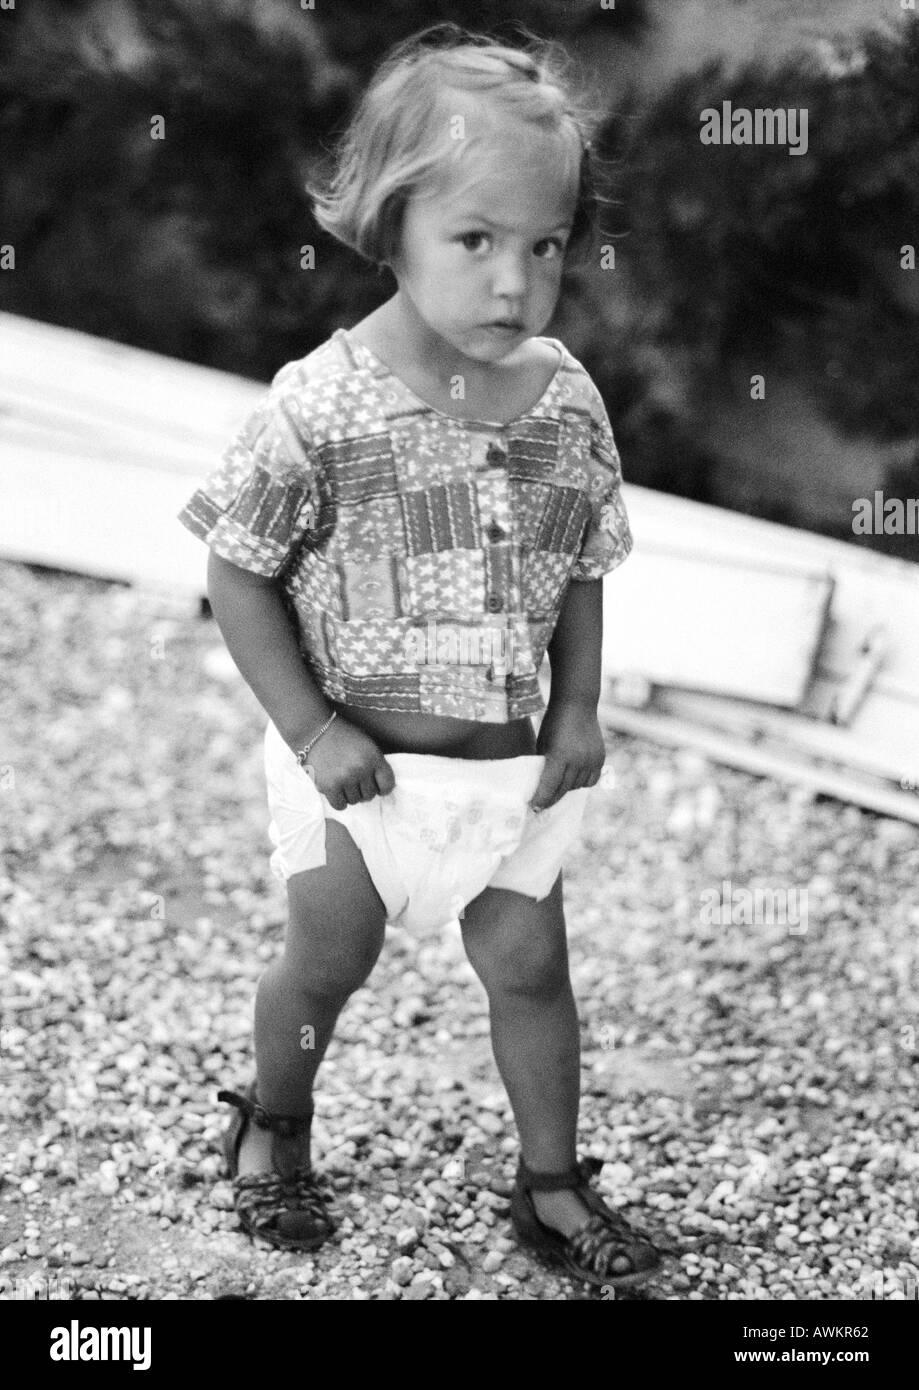 Little girl holding diaper, b&w - Stock Image